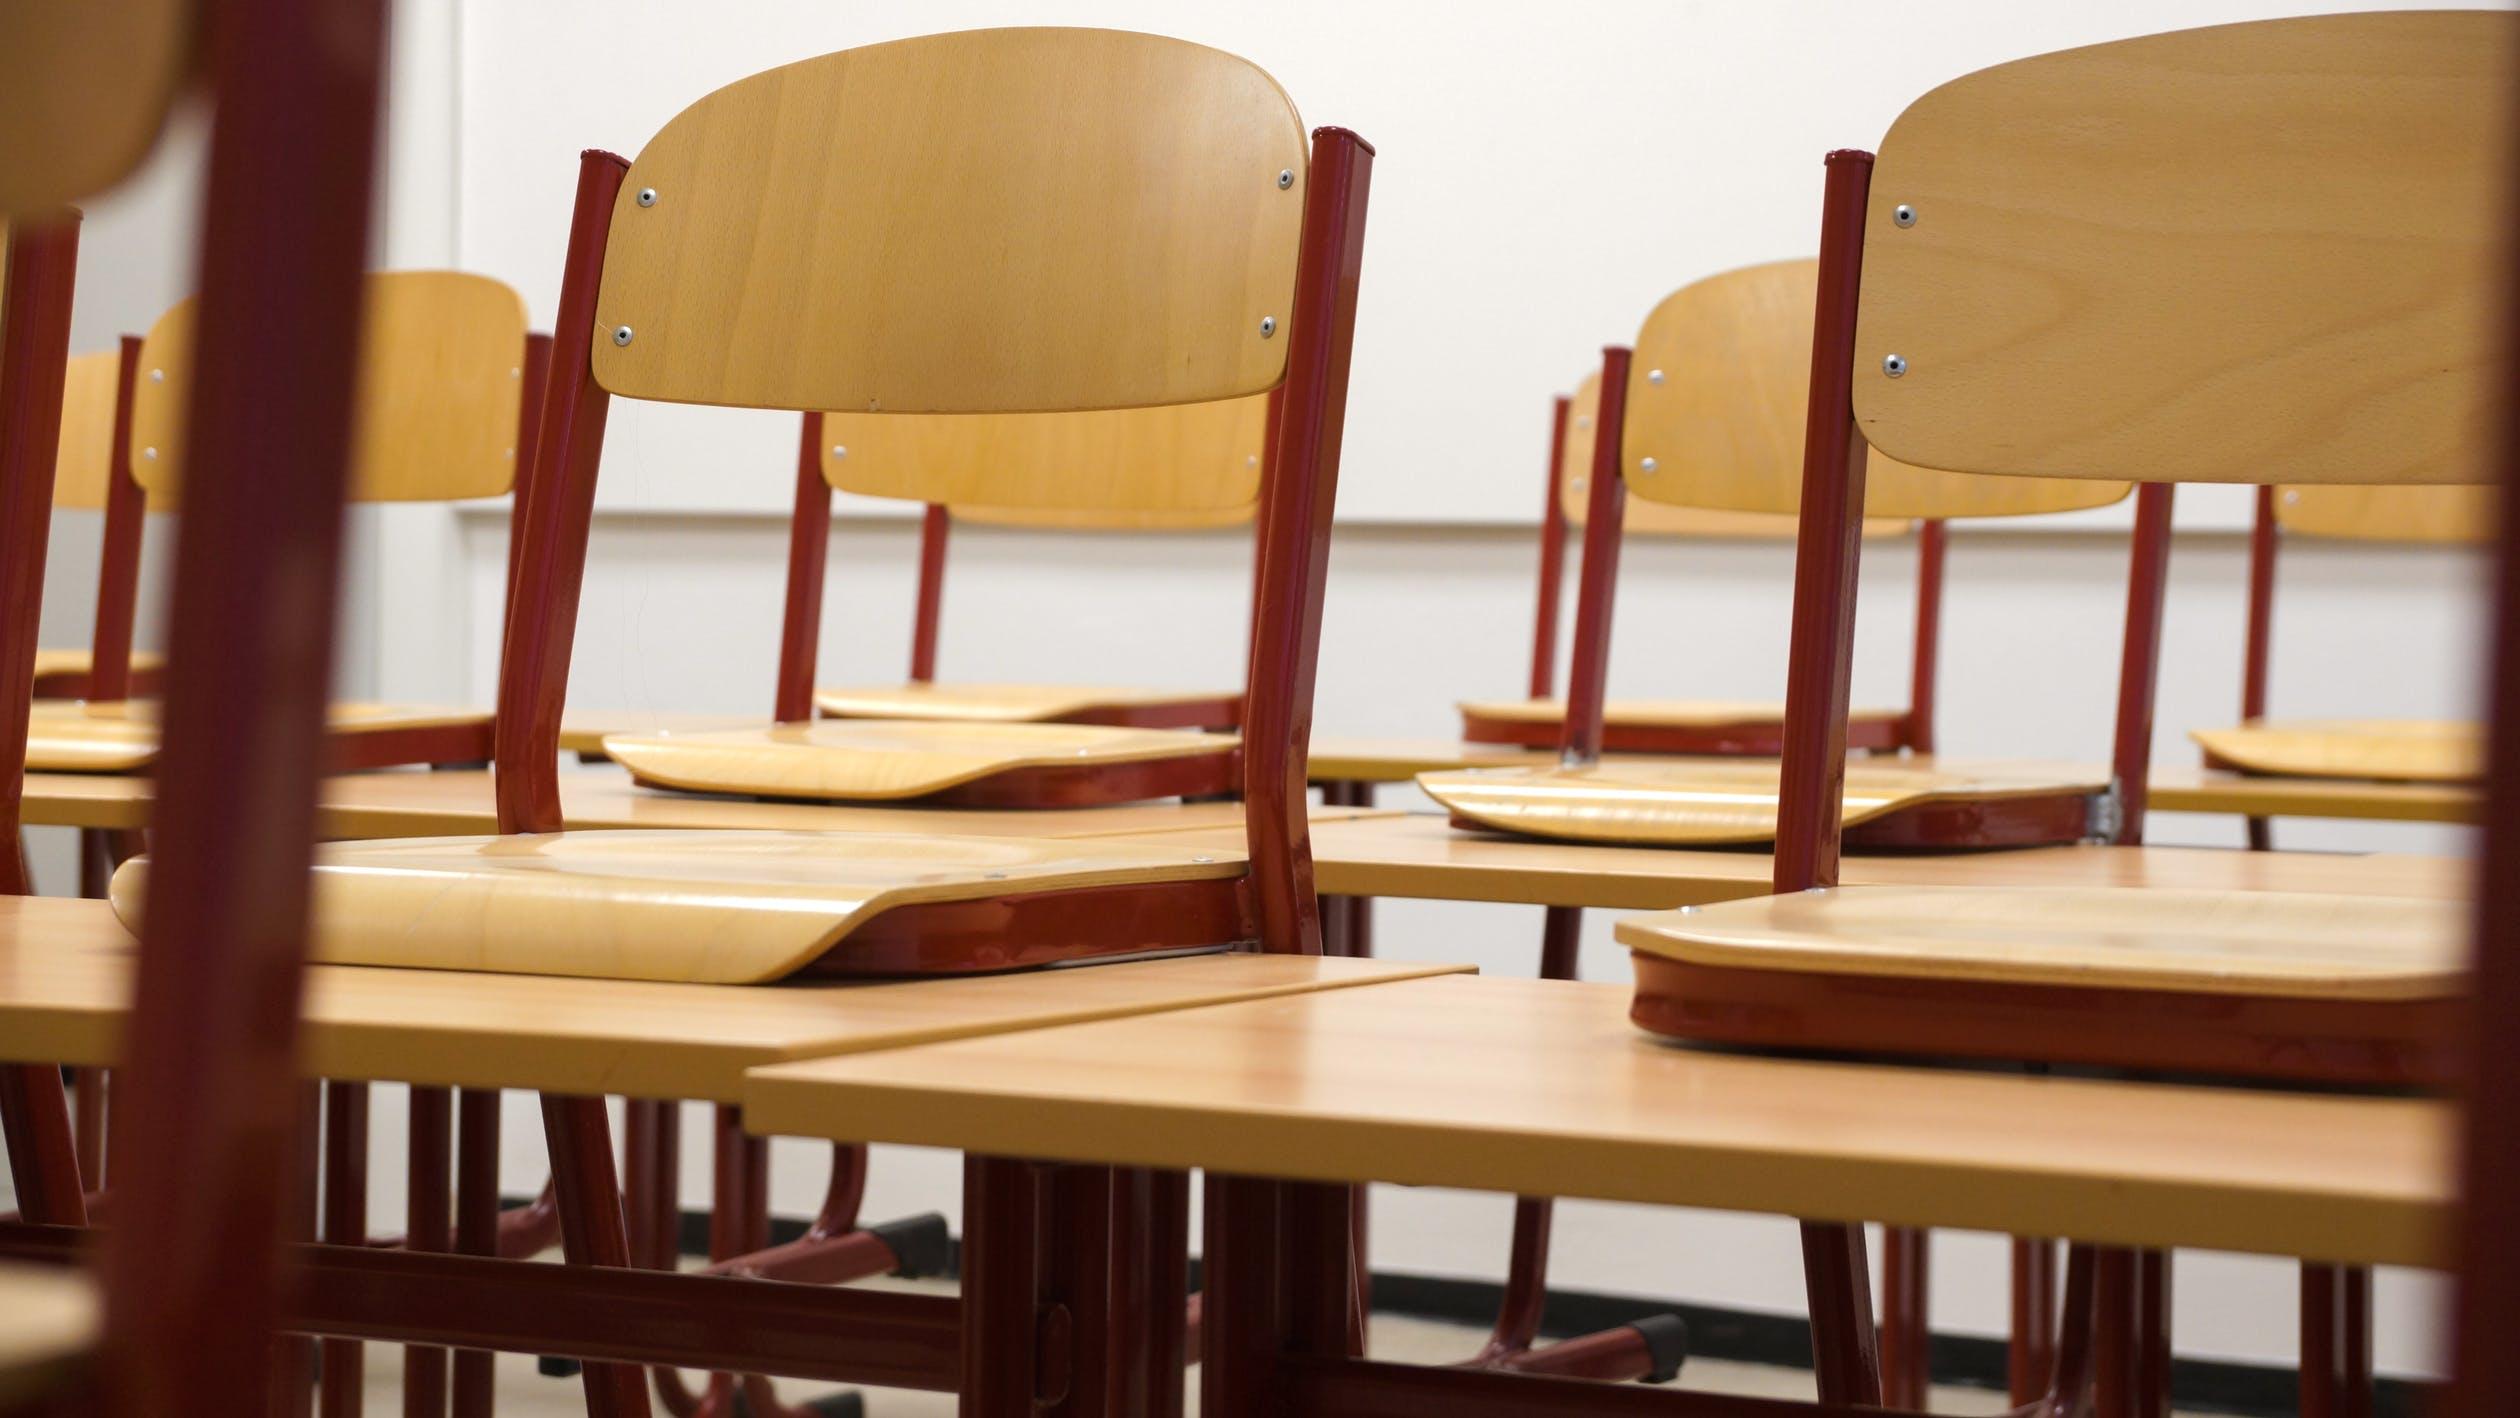 школа стулья пустой класс